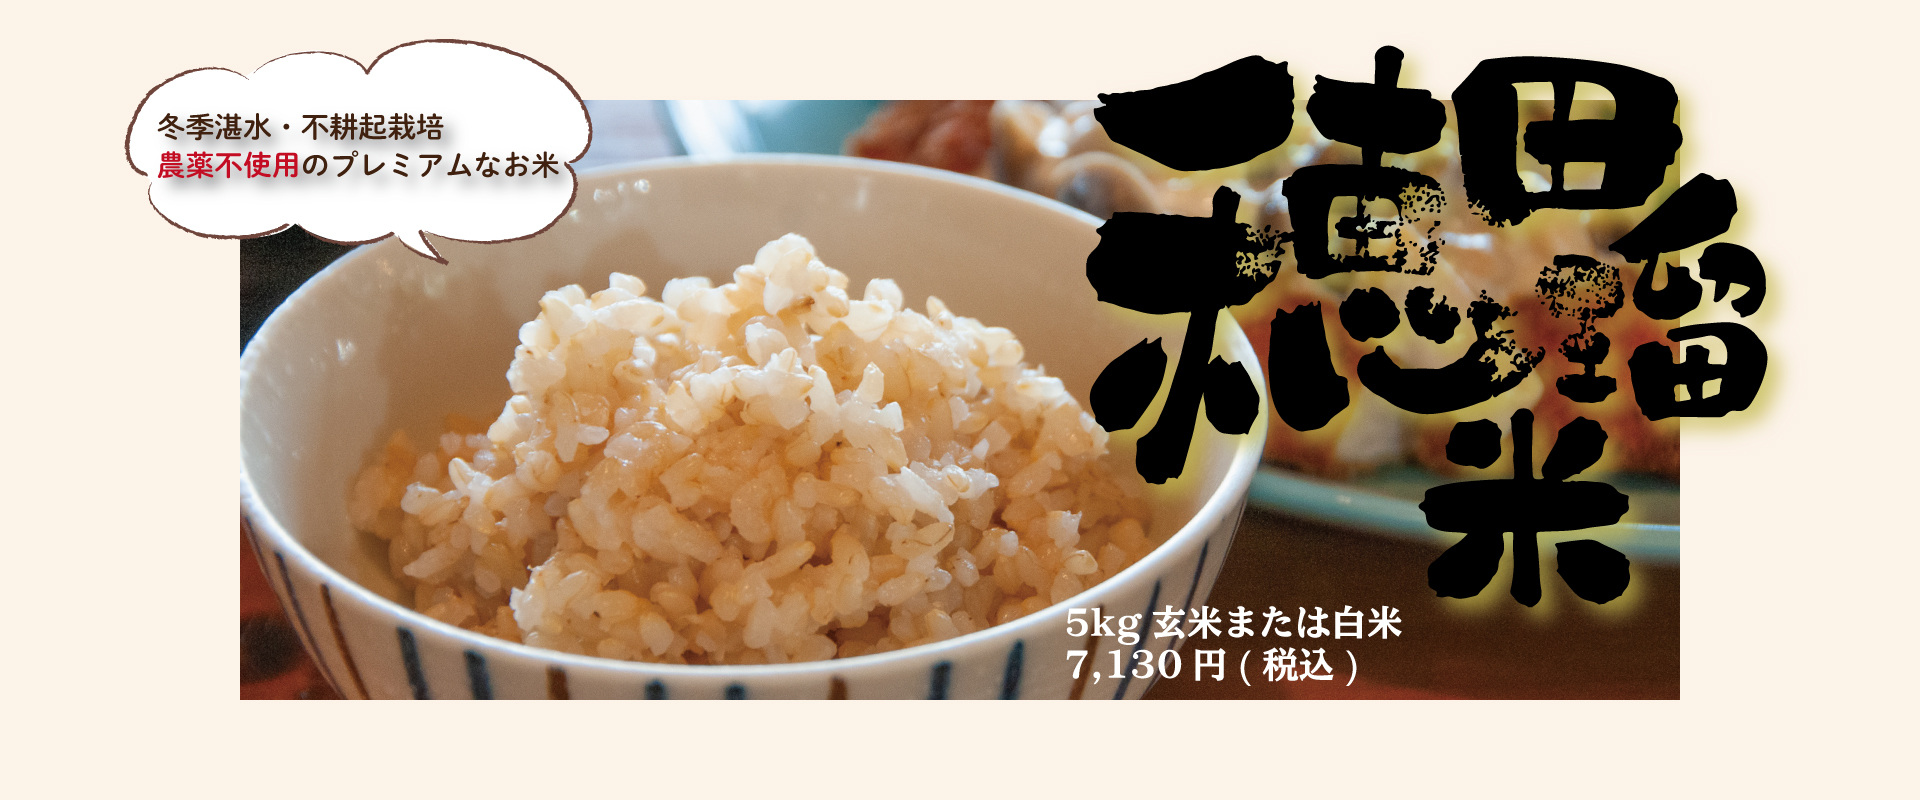 完全無農薬『穂田瑠米(玄米)』5kg